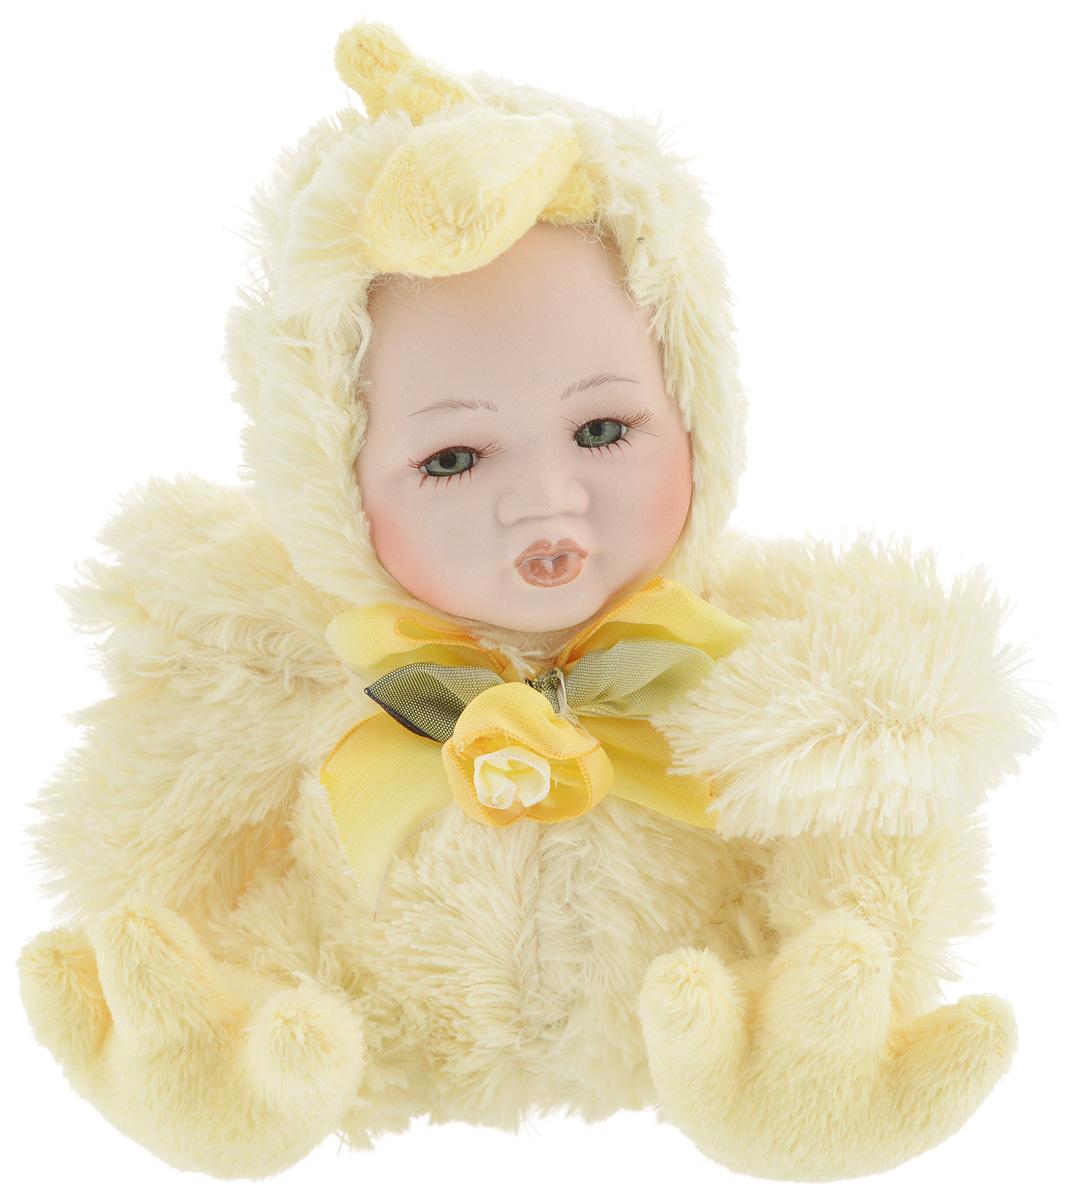 Фигурка ESTRO Ребенок в костюме цыпленка, цвет: желтый, высота 17 см19201Декоративная фигурка Ребенок в костюме цыпленка изготовлена из высококачественных материалов в оригинальном стиле. Фигурка выполнена в виде ребенка в костюме цыпленка.Уютнаяи милая интерьерная игрушка предназначена для взрослых и детей, для игр и украшения новогодней елки, да и просто, для создания праздничной атмосферыв интерьере! Фигурка прекрасно украсит ваш дом к празднику, а в остальные дни с ней с удовольствием будут играть дети. Оригинальный дизайн и красочное исполнение создадут праздничное настроение. Фигурка создана вручную, неповторима и оригинальна. Порадуйте своих друзей и близких этим замечательным подарком!